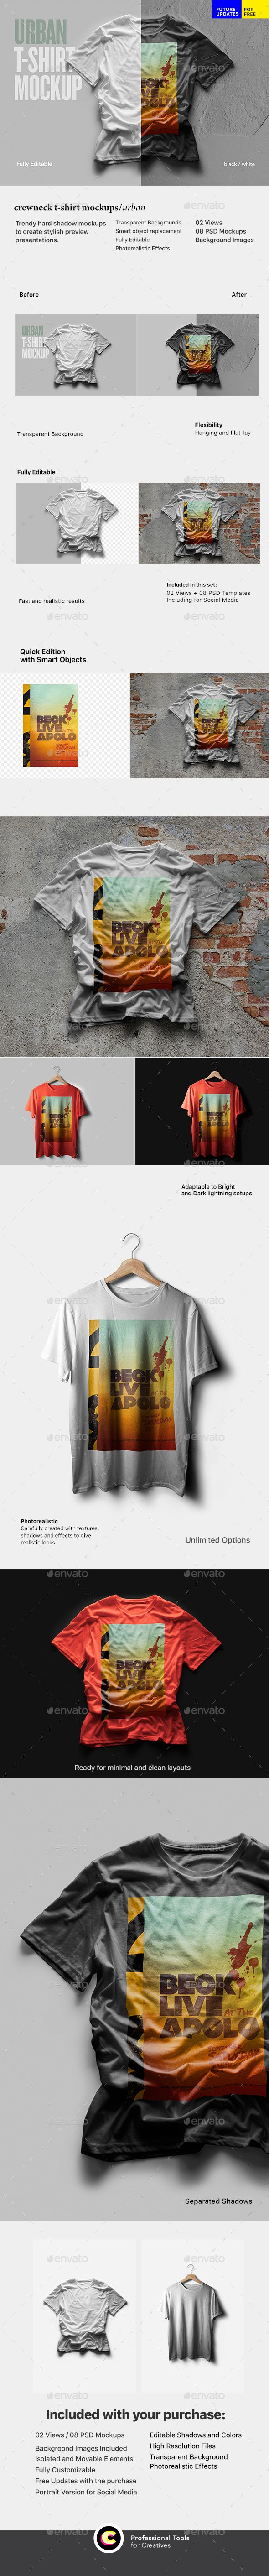 Download Urban T Shirt Mockup Urban Tshirt Shirt Mockup Tshirt Mockup